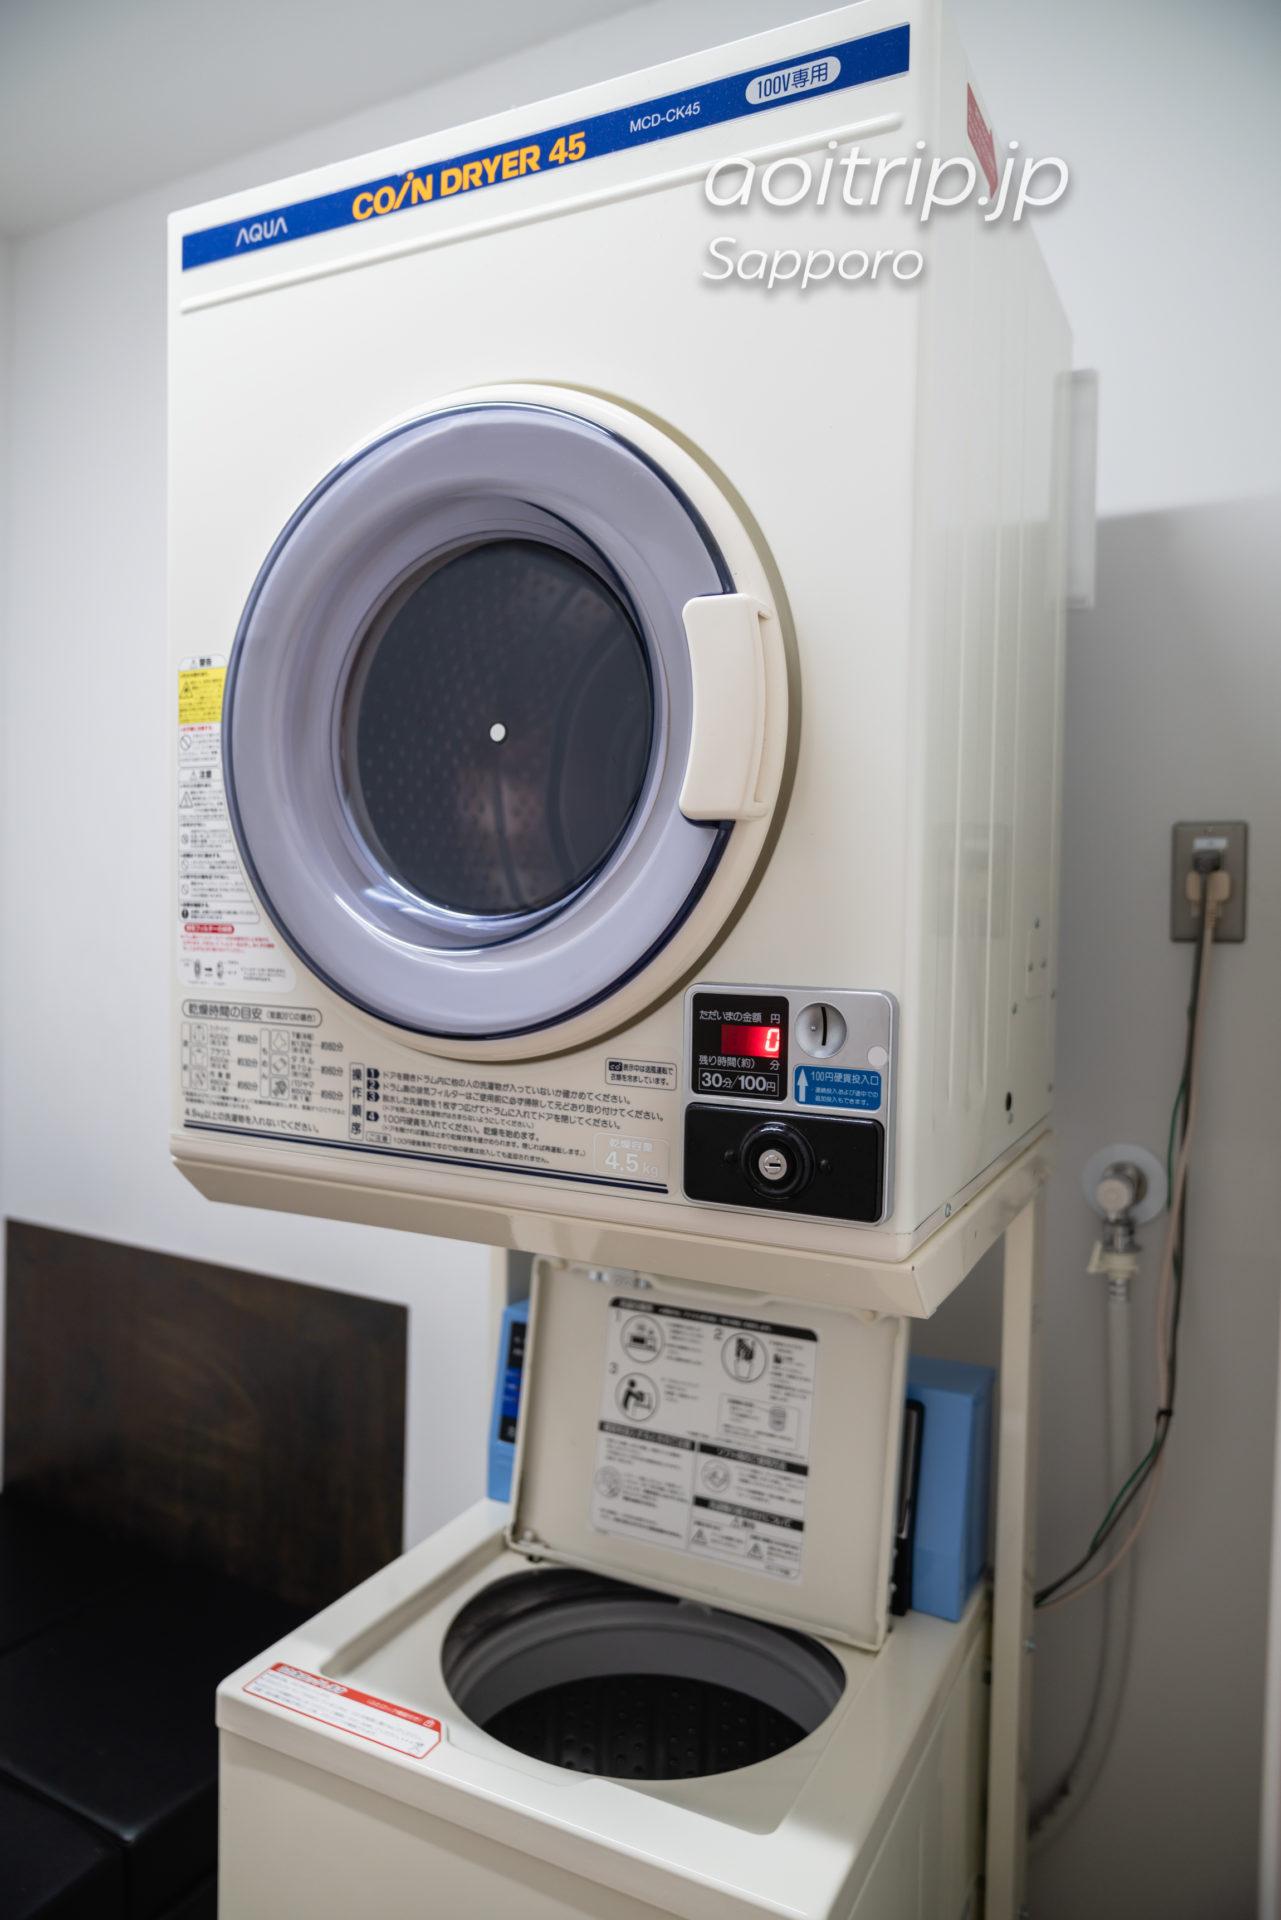 ホテル ポットマムの洗濯機